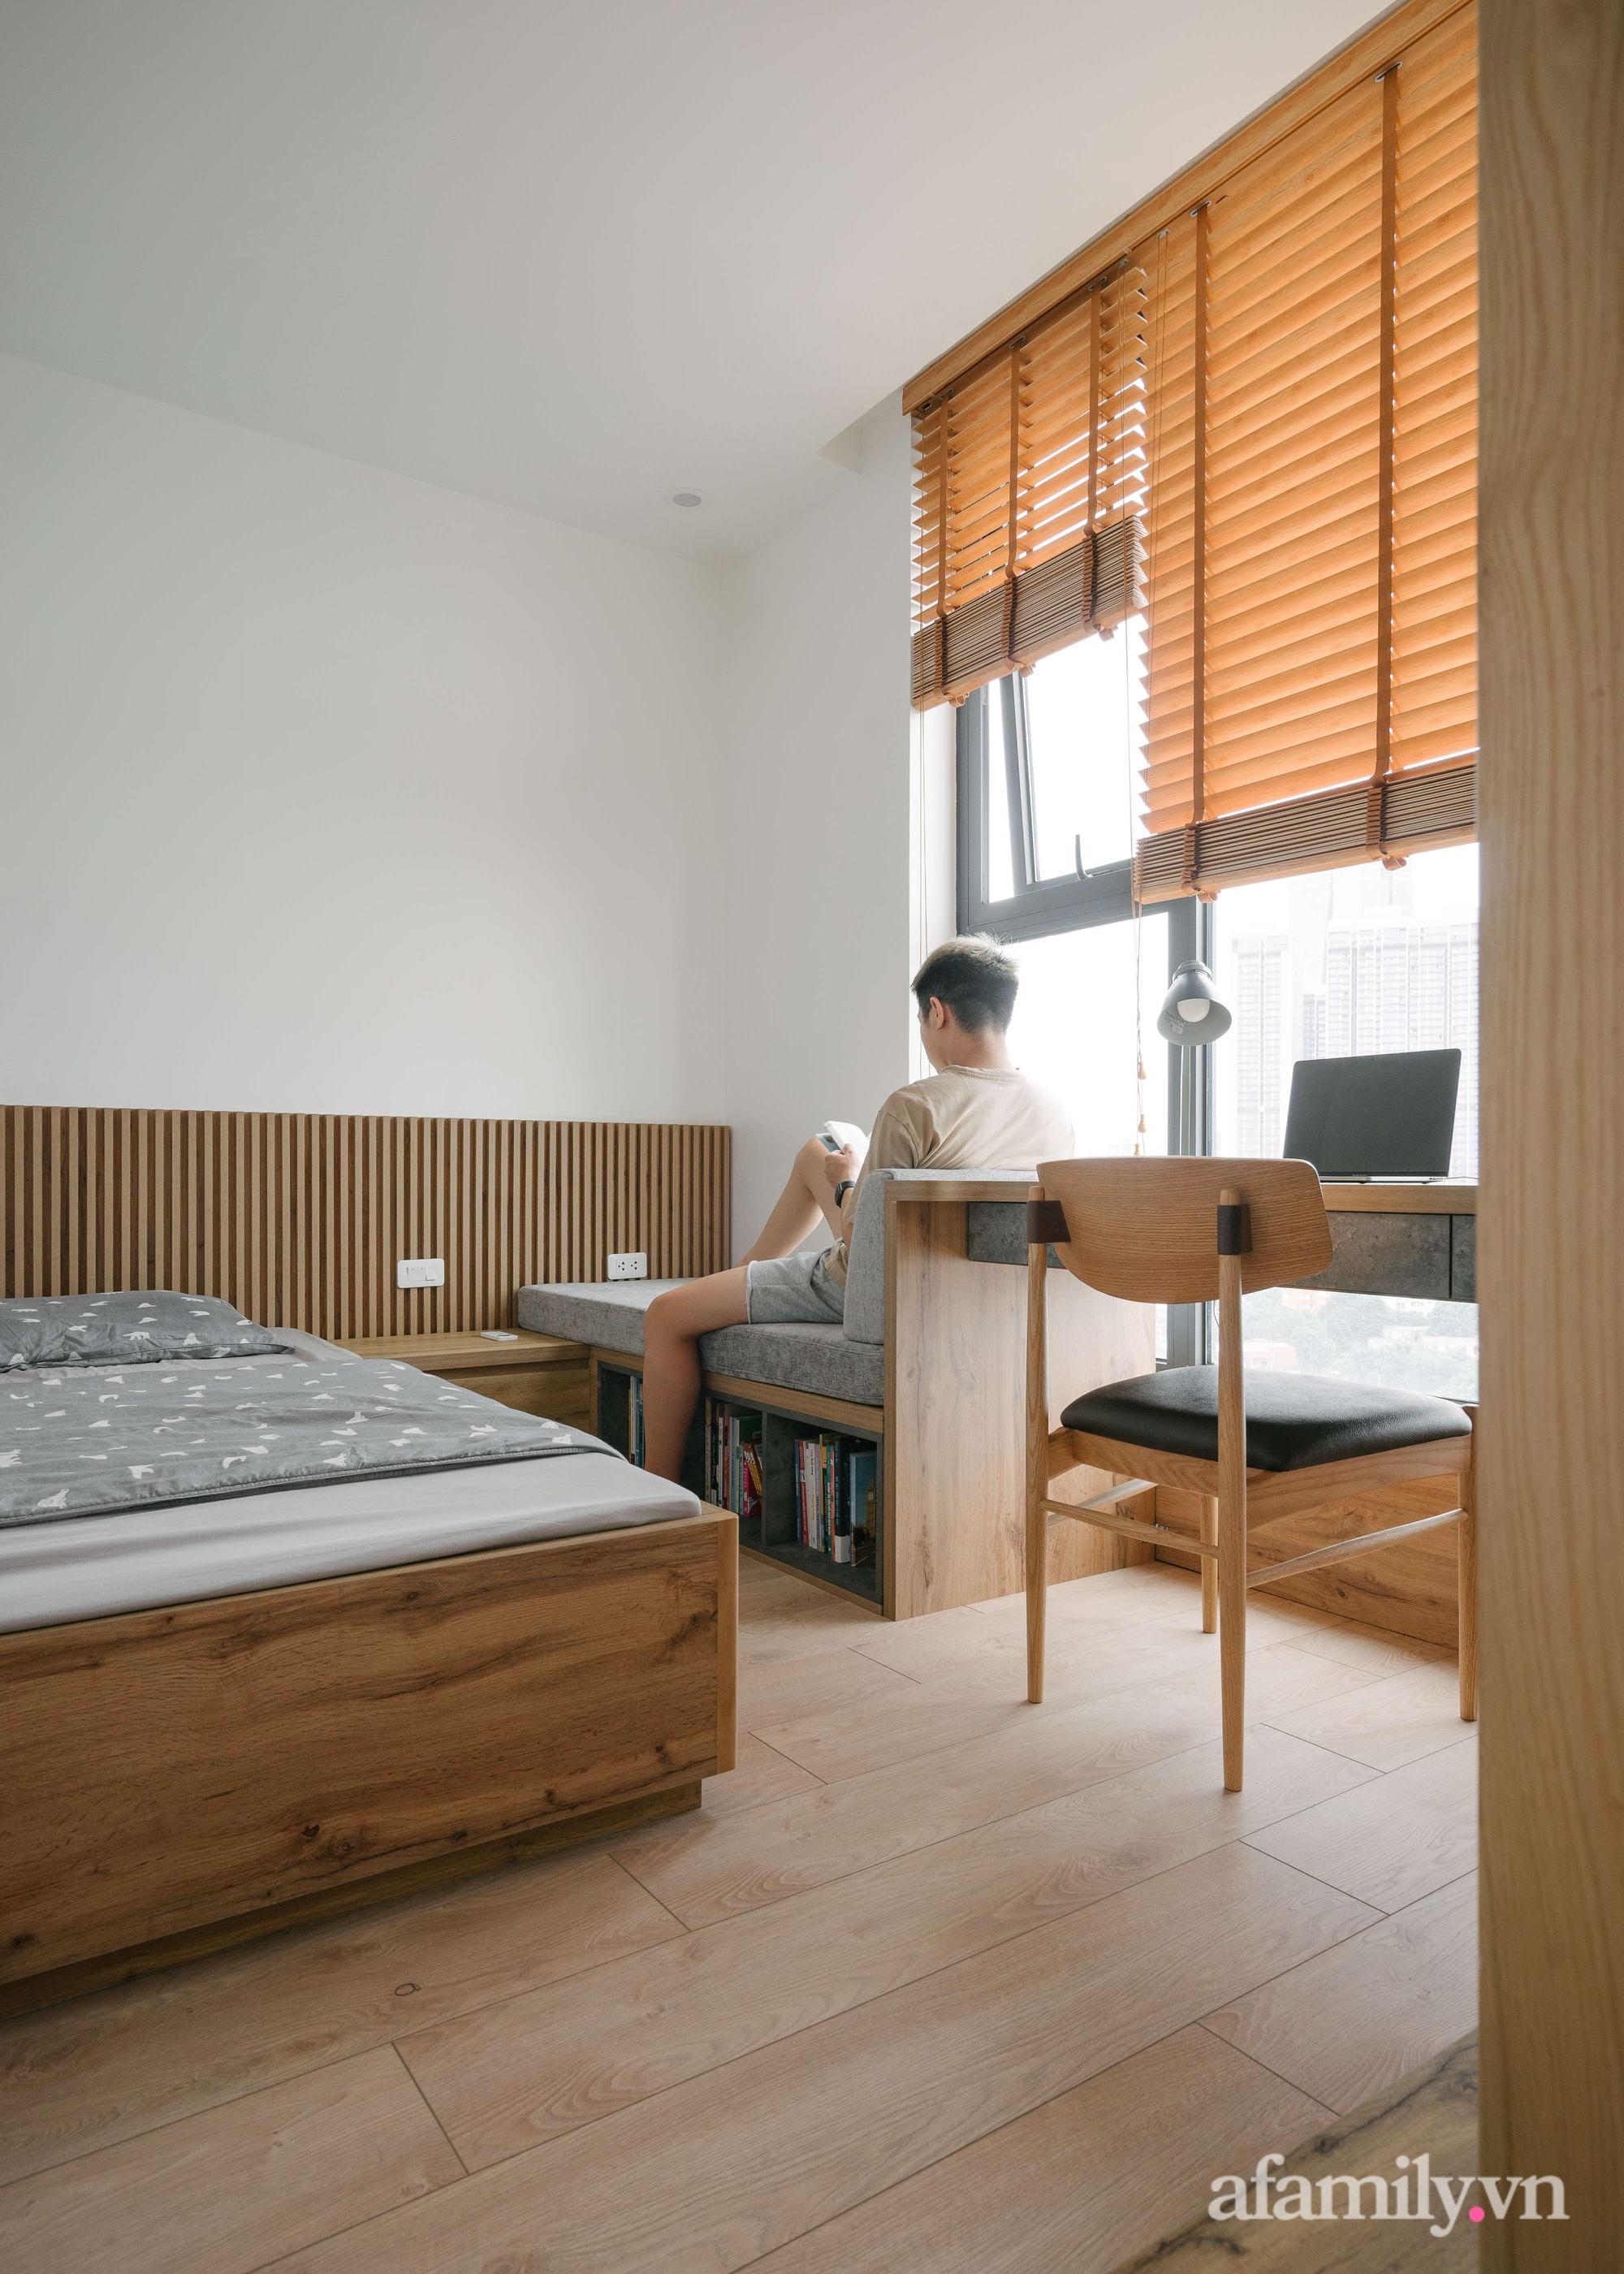 Sau 27 ngày cải tạo, chàng trai không nhận ra căn hộ 90m² của mình vì góc nào cũng xinh ở Giảng Võ, Hà Nội - Ảnh 12.